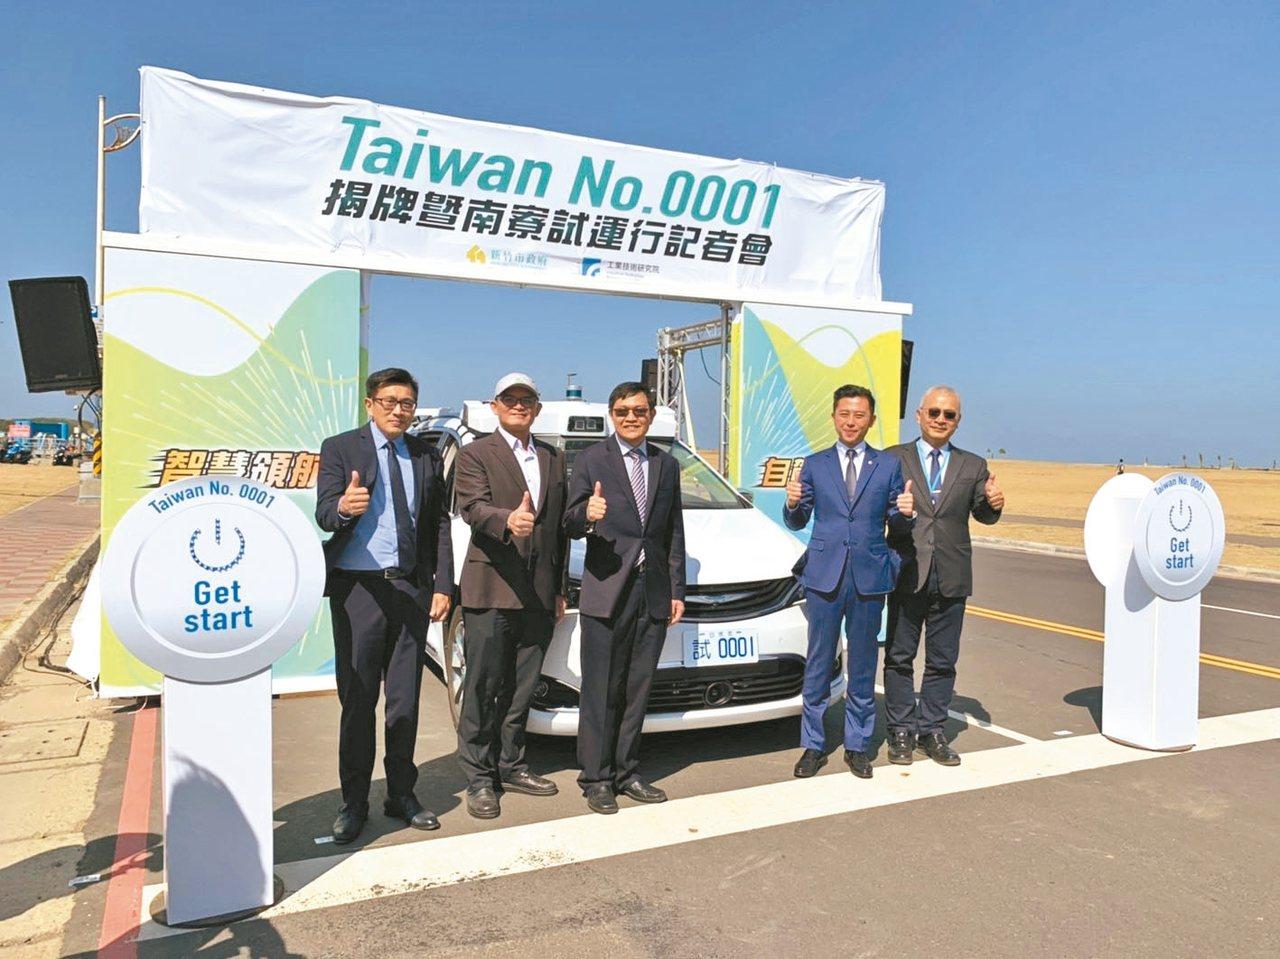 工研院與新竹市政府合作,共同推動「Taiwan No. 0001」自駕車,今天正...